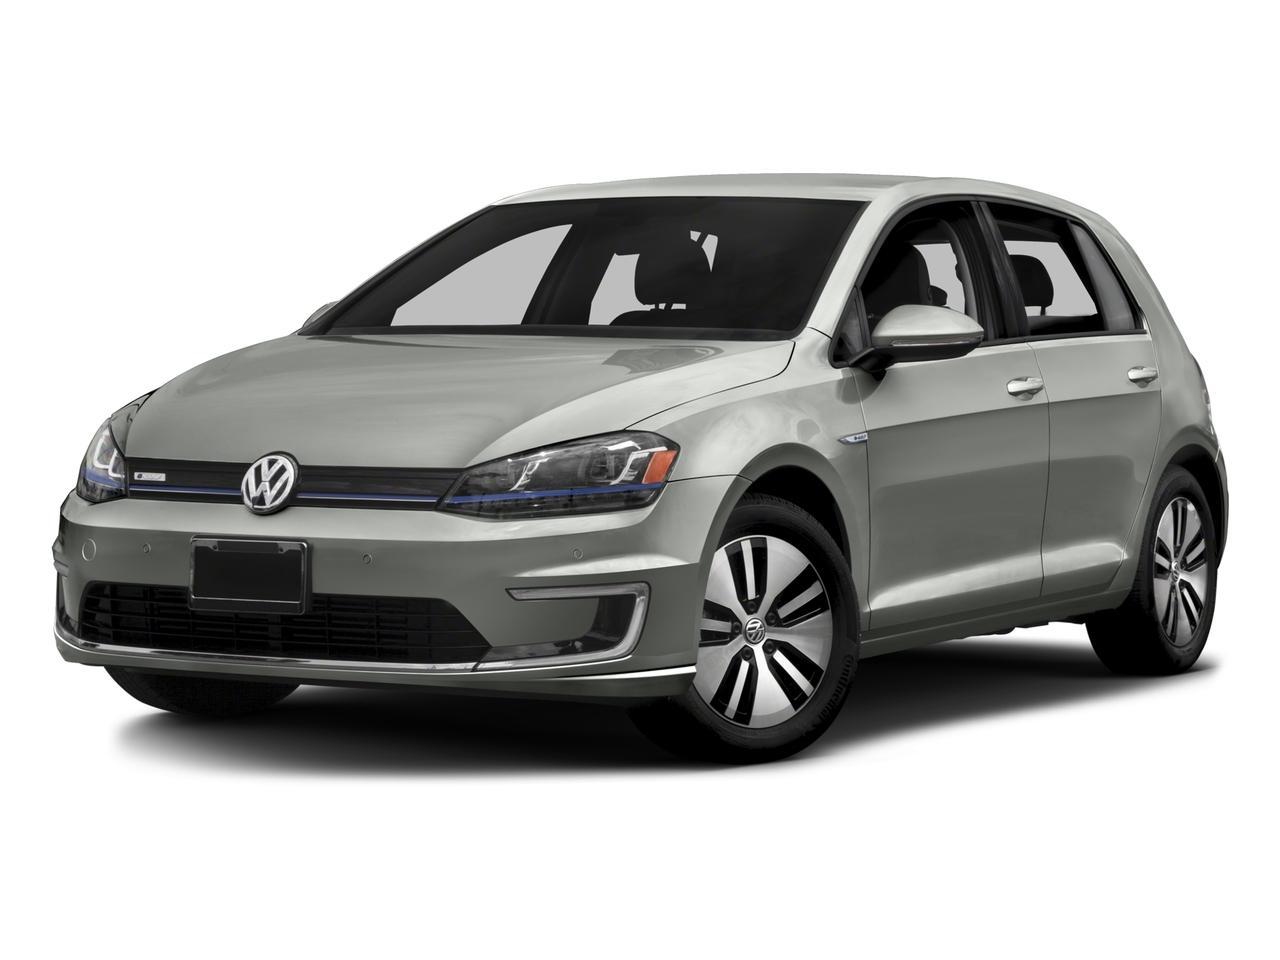 2015 Volkswagen e-Golf Vehicle Photo in Austin, TX 78759